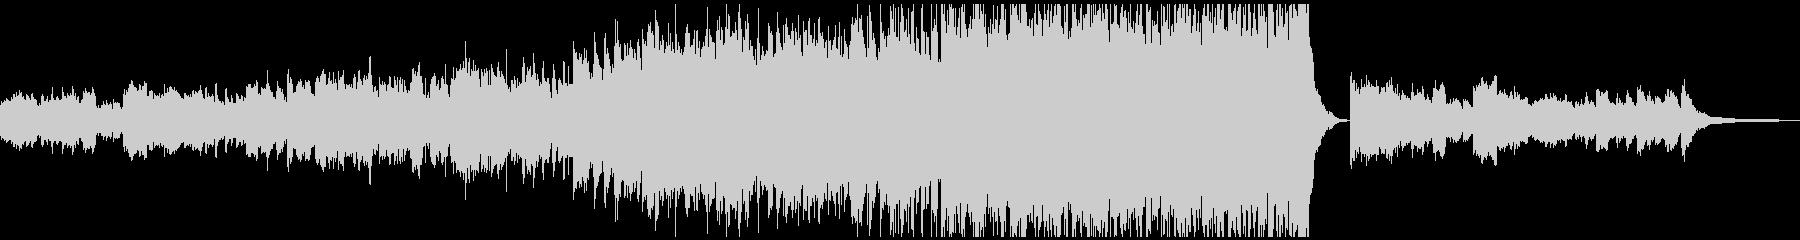 電気音響シンフォニー 広い 壮大 ...の未再生の波形